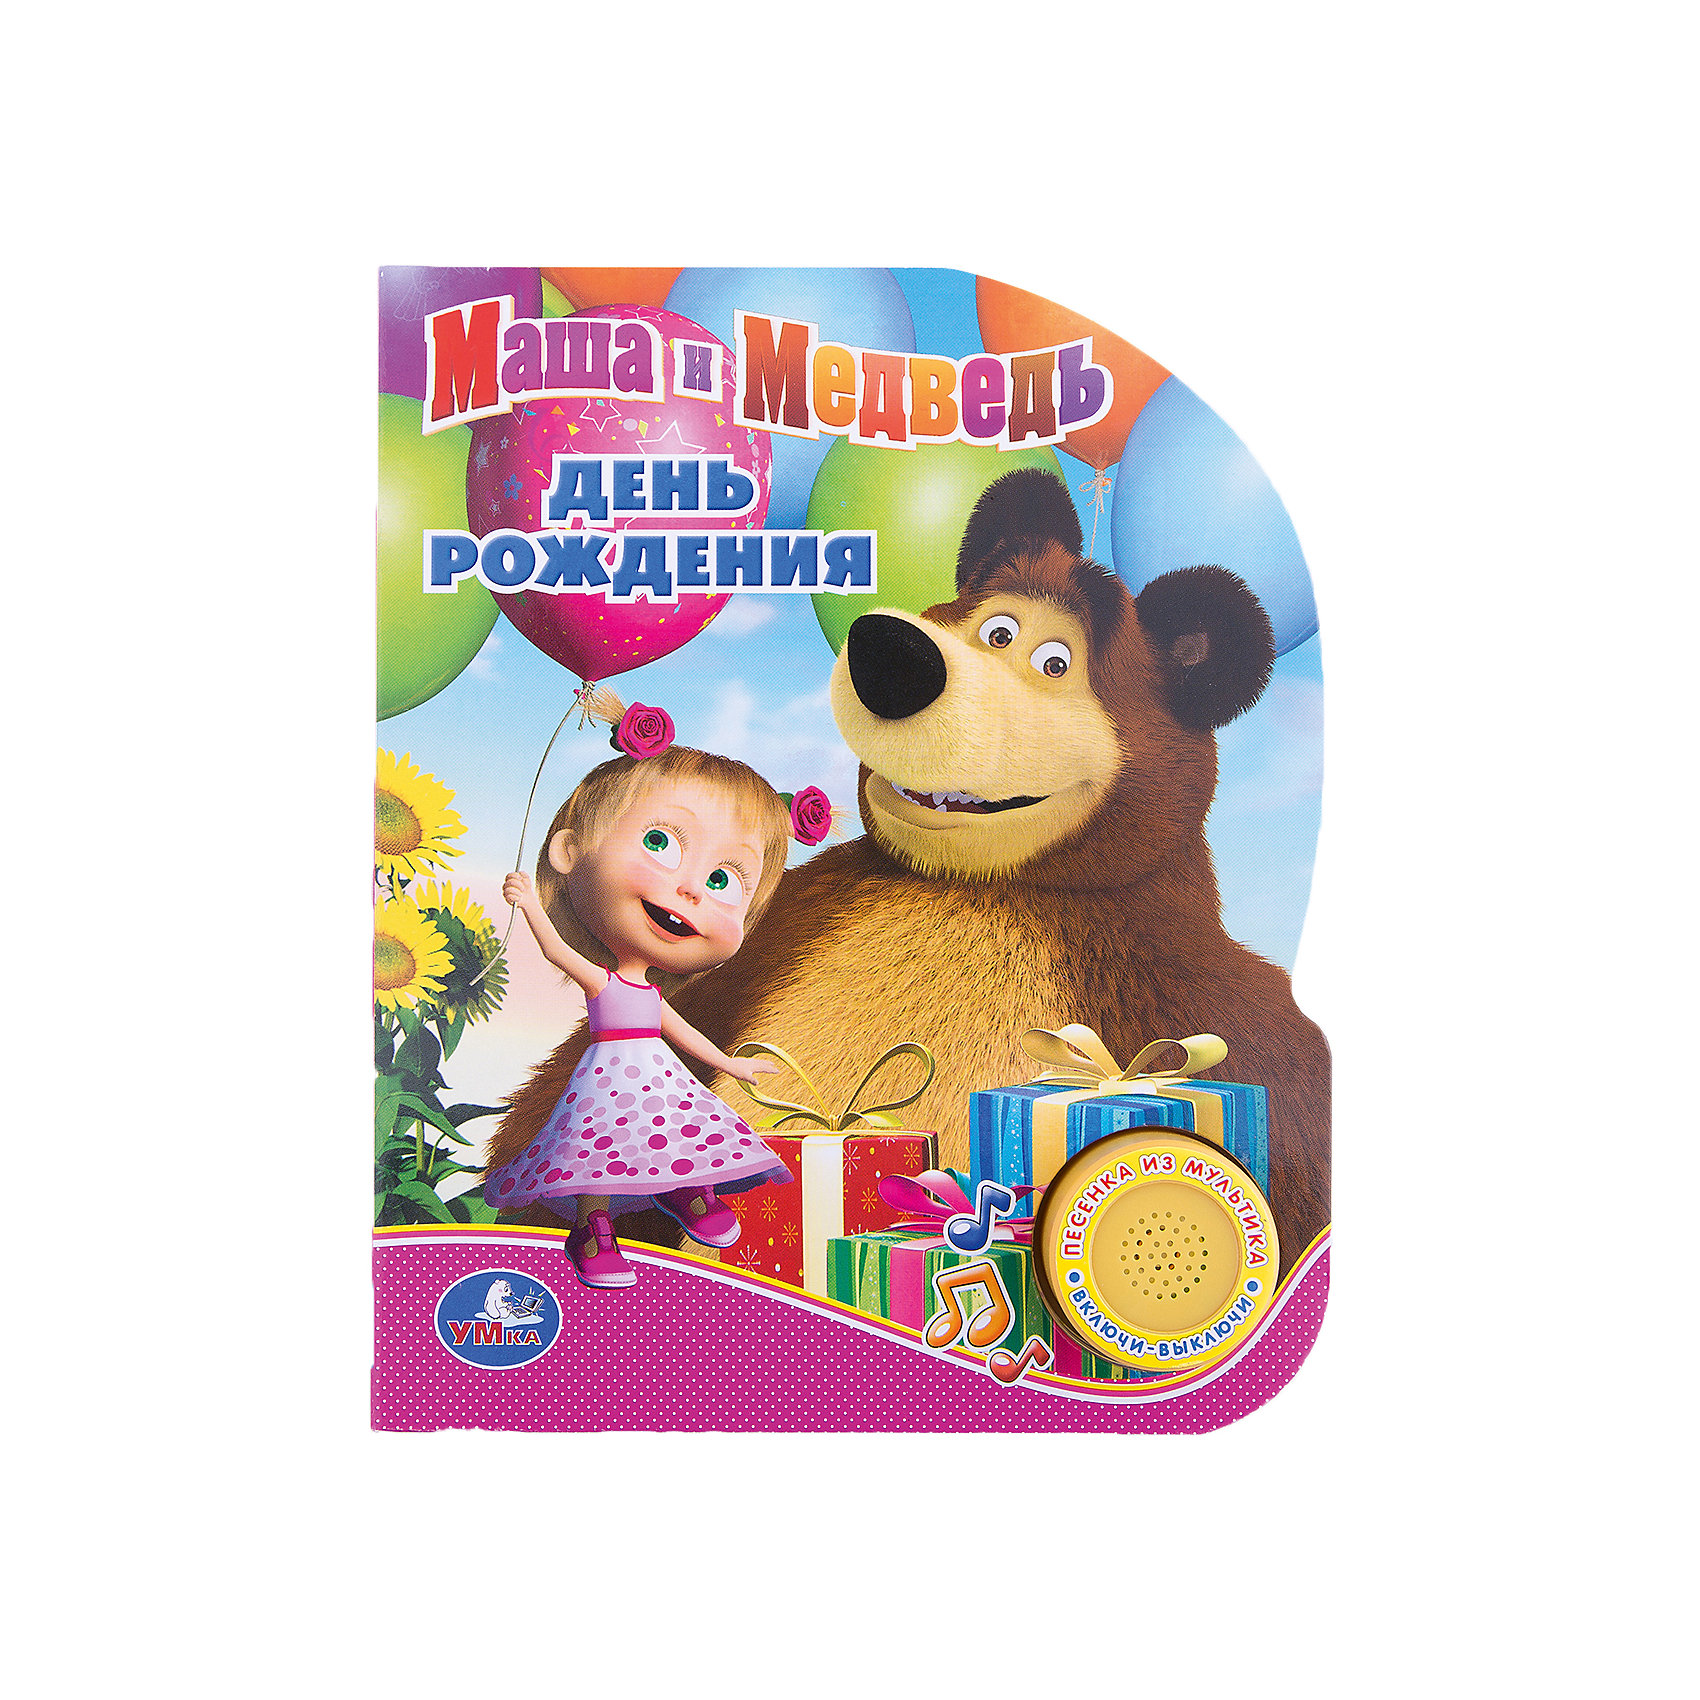 Маша и медведь. День рождения. (1 кнопка с песенкой).